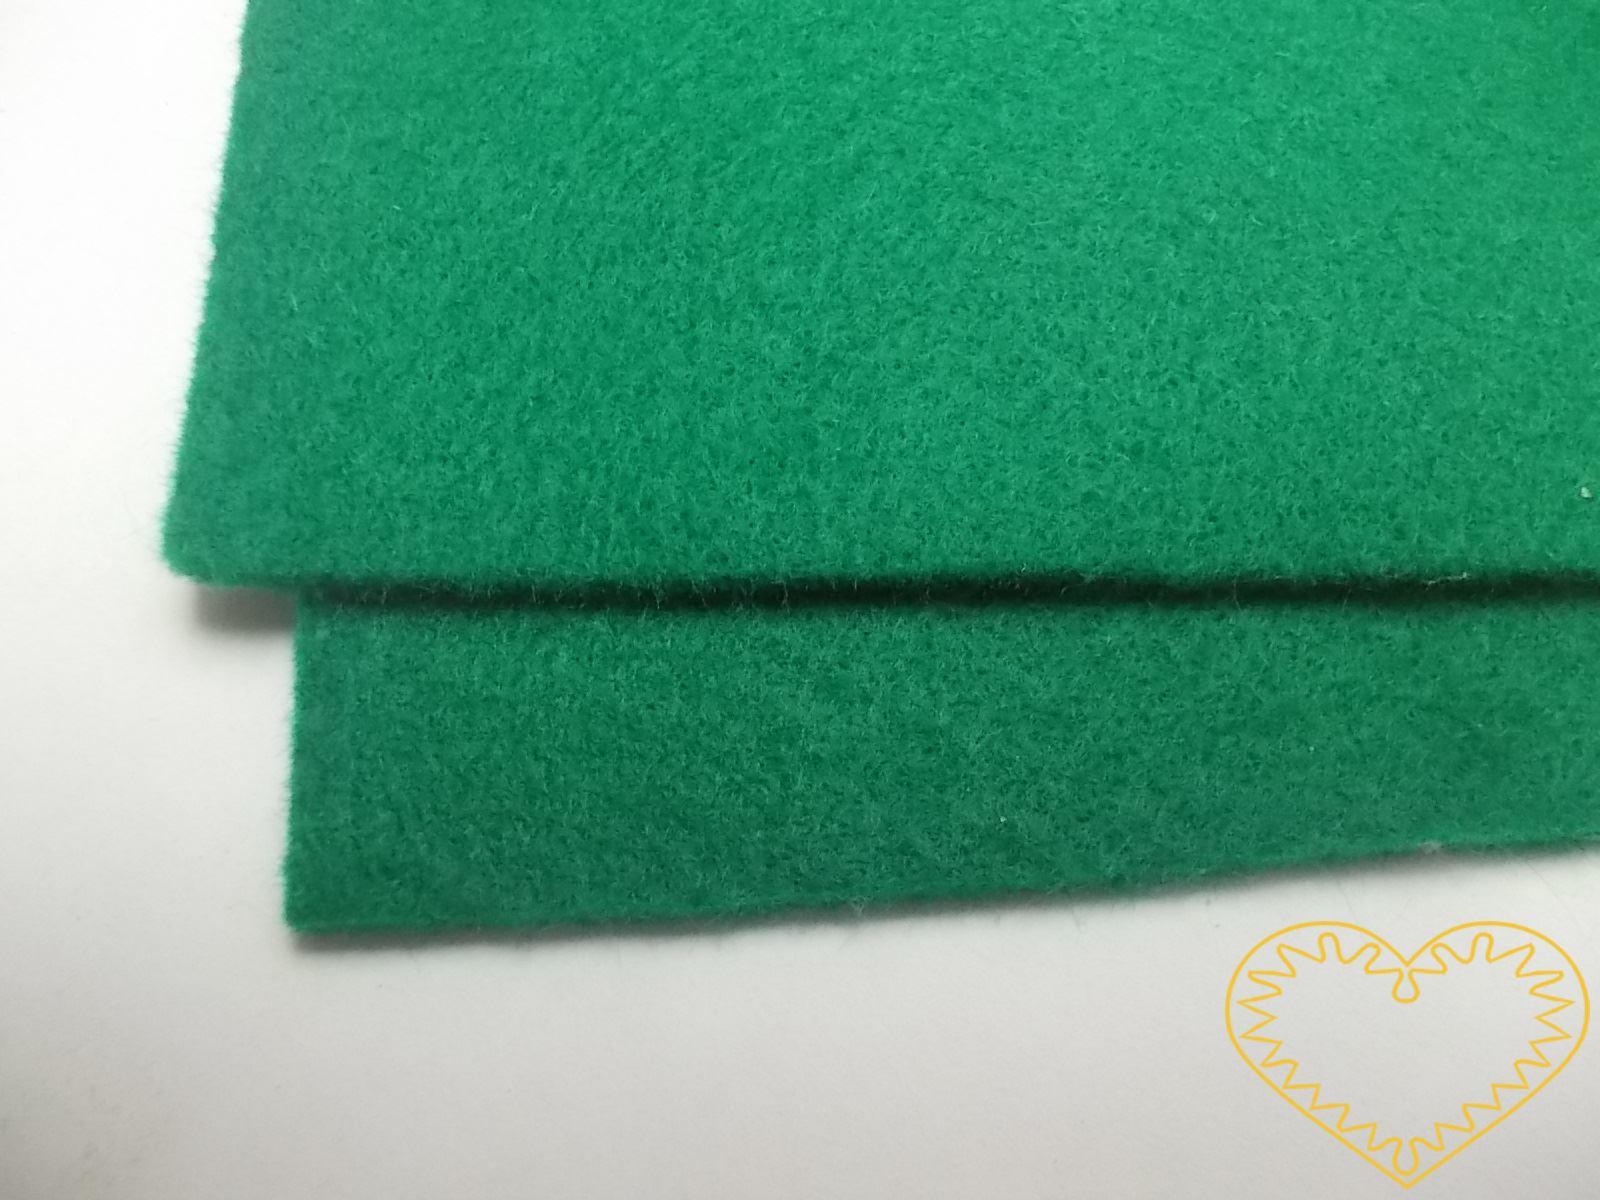 Silná zelená plsť - dekorační filc 30 x 20 cm - 1 ks, tloušťka 3 mm. Tato plsť je díky své tloušťce pevná a drží výborně tvar. Je proto vhodná např. k výrobě podstavců pod nejrůznější figurky a zvířátka, ale i k Vašim dalším tvůrčím záměrům.